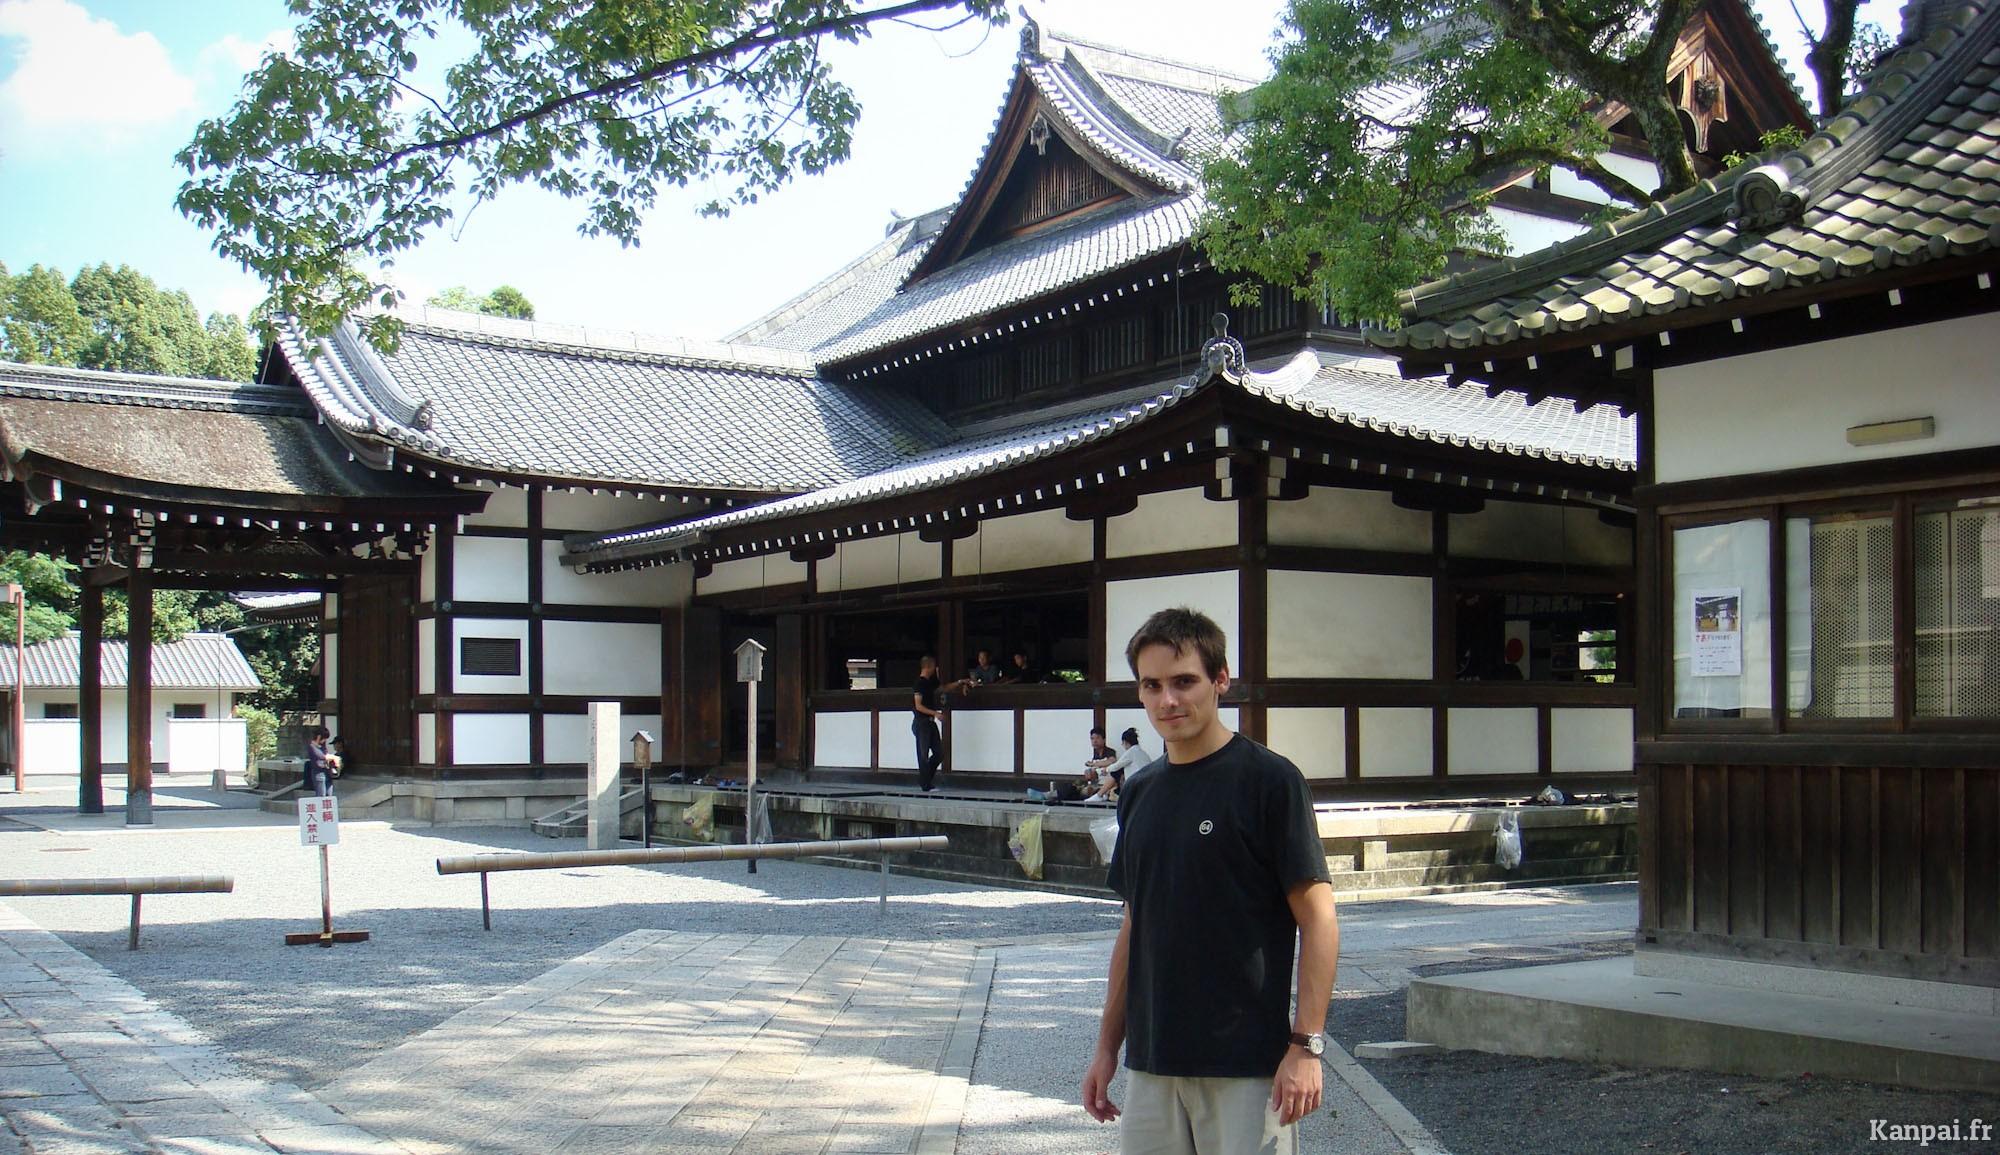 Quel est le site de rencontre le plus populaire au Japon